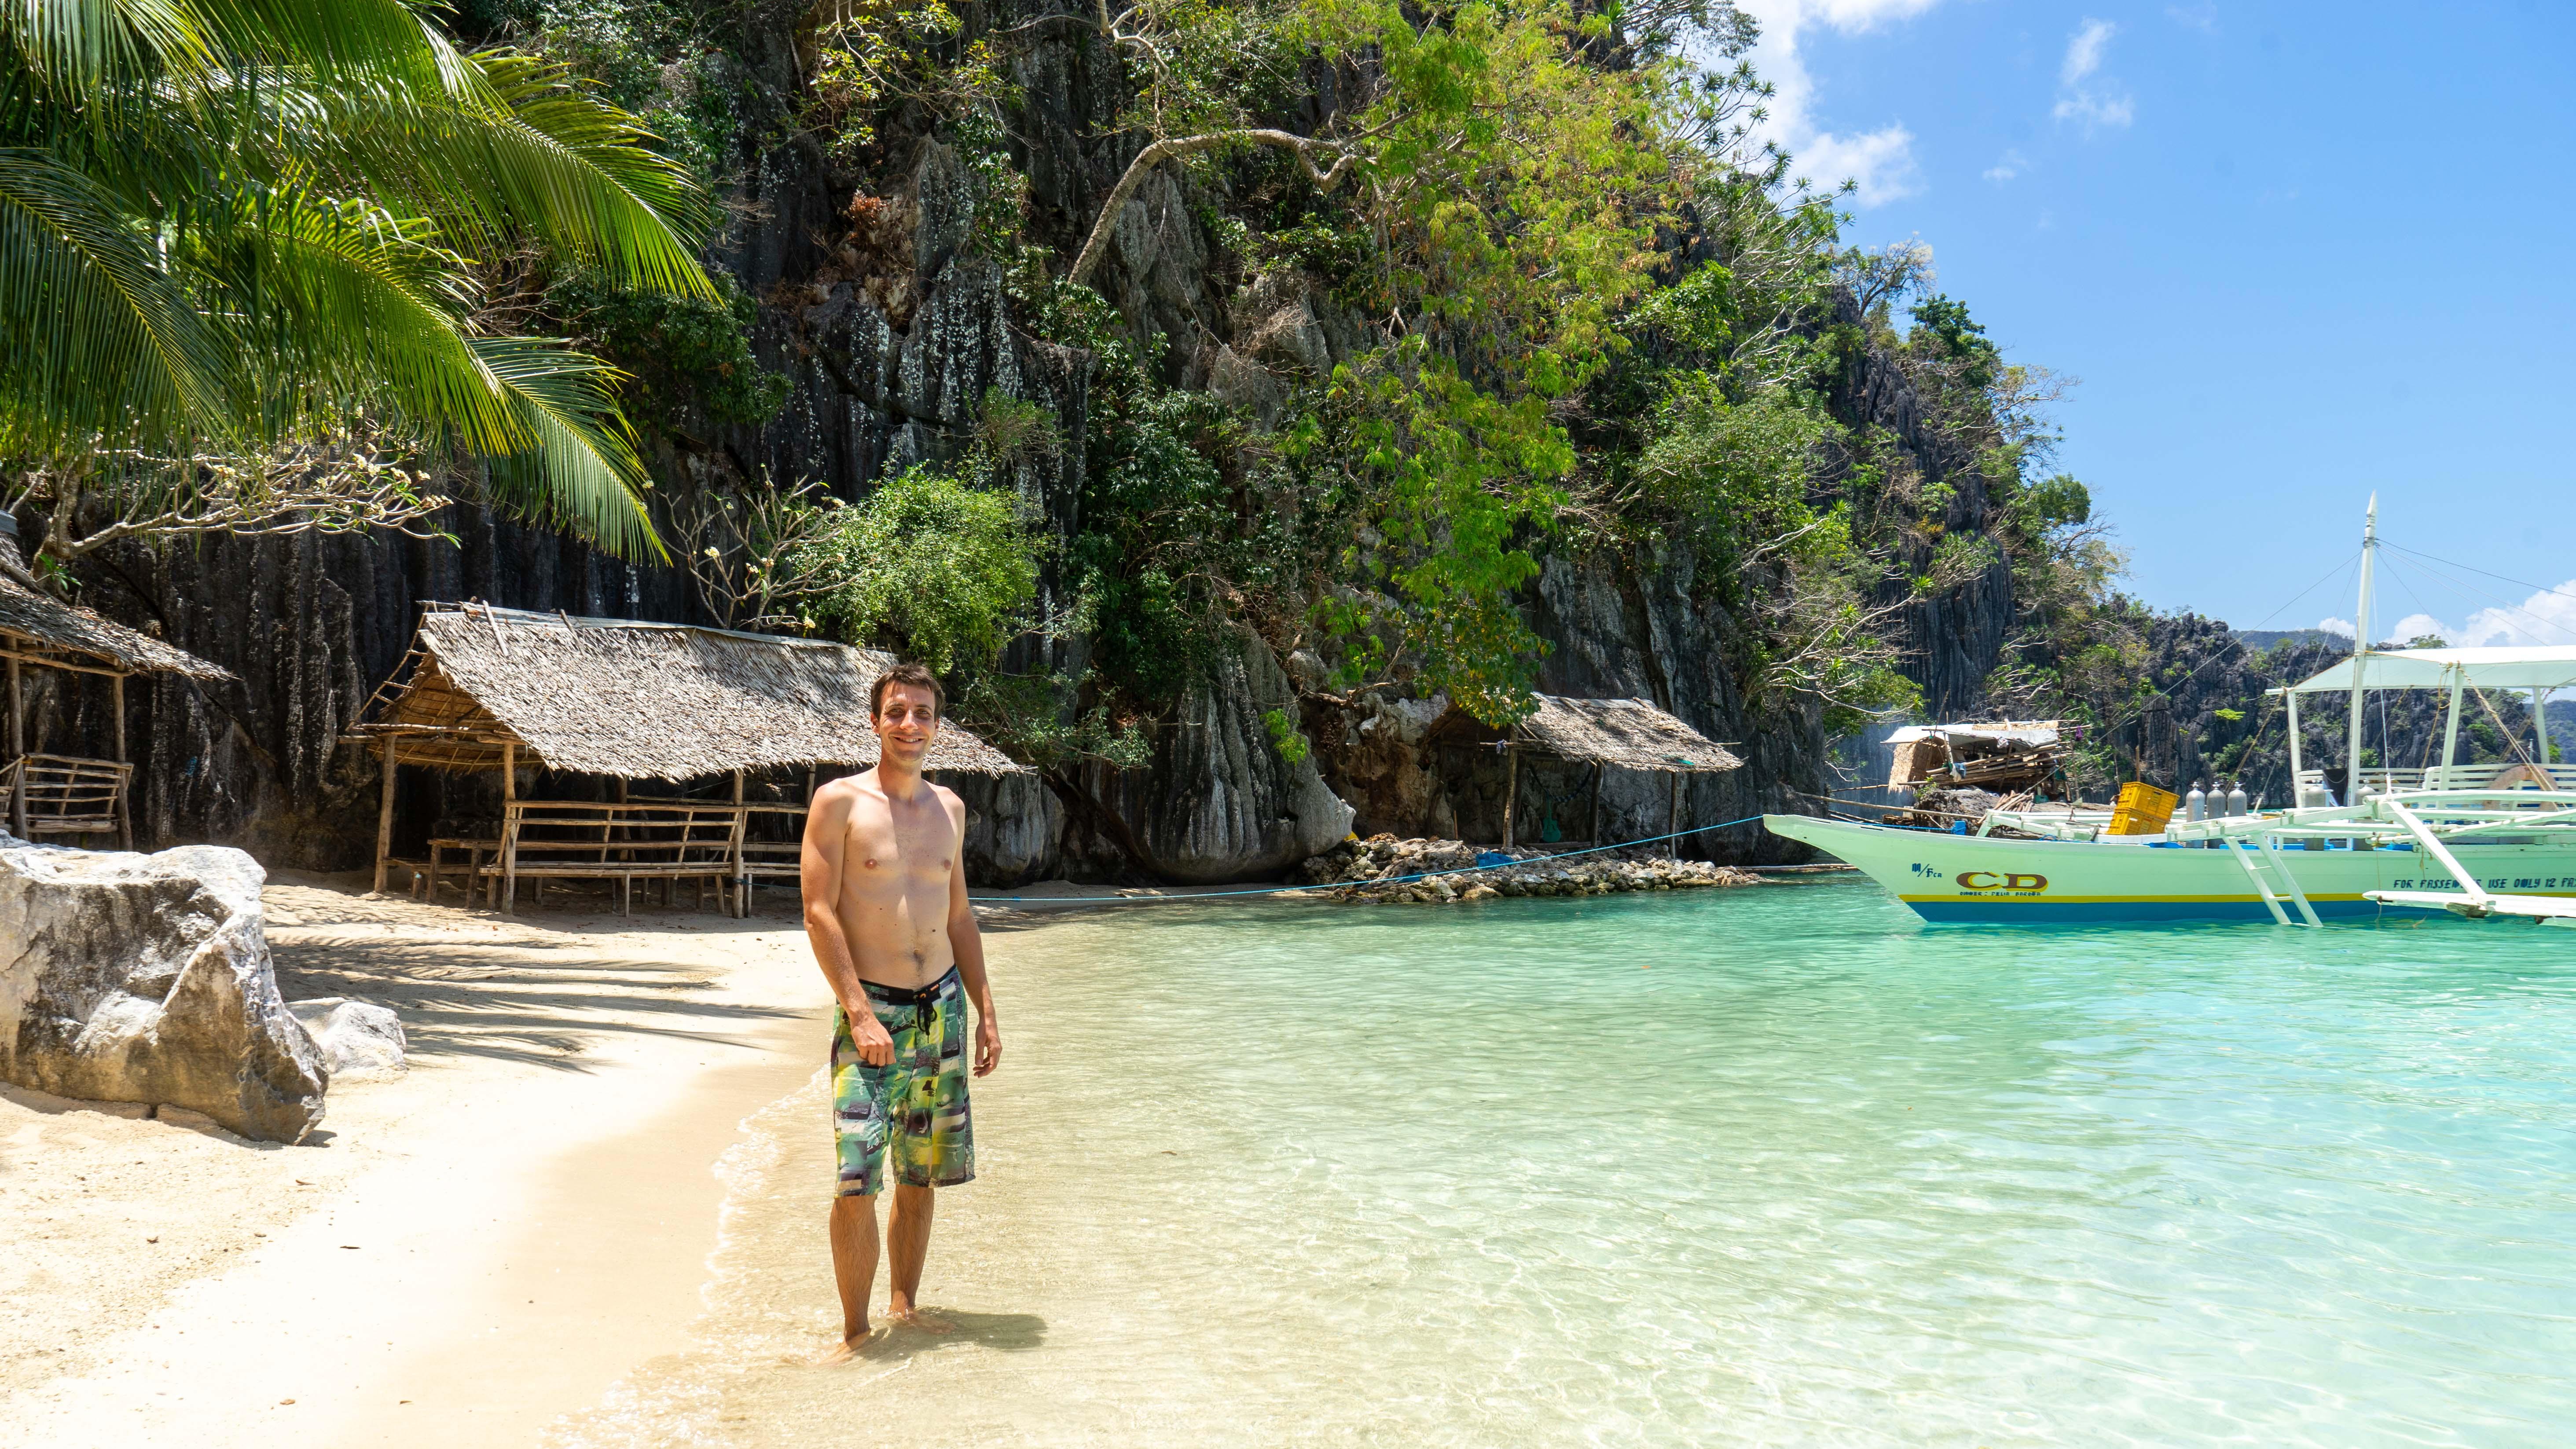 Wir sind auf den Philippinen ∙ Coron ∙ Wracktauchen im Inselparadies von Palawan